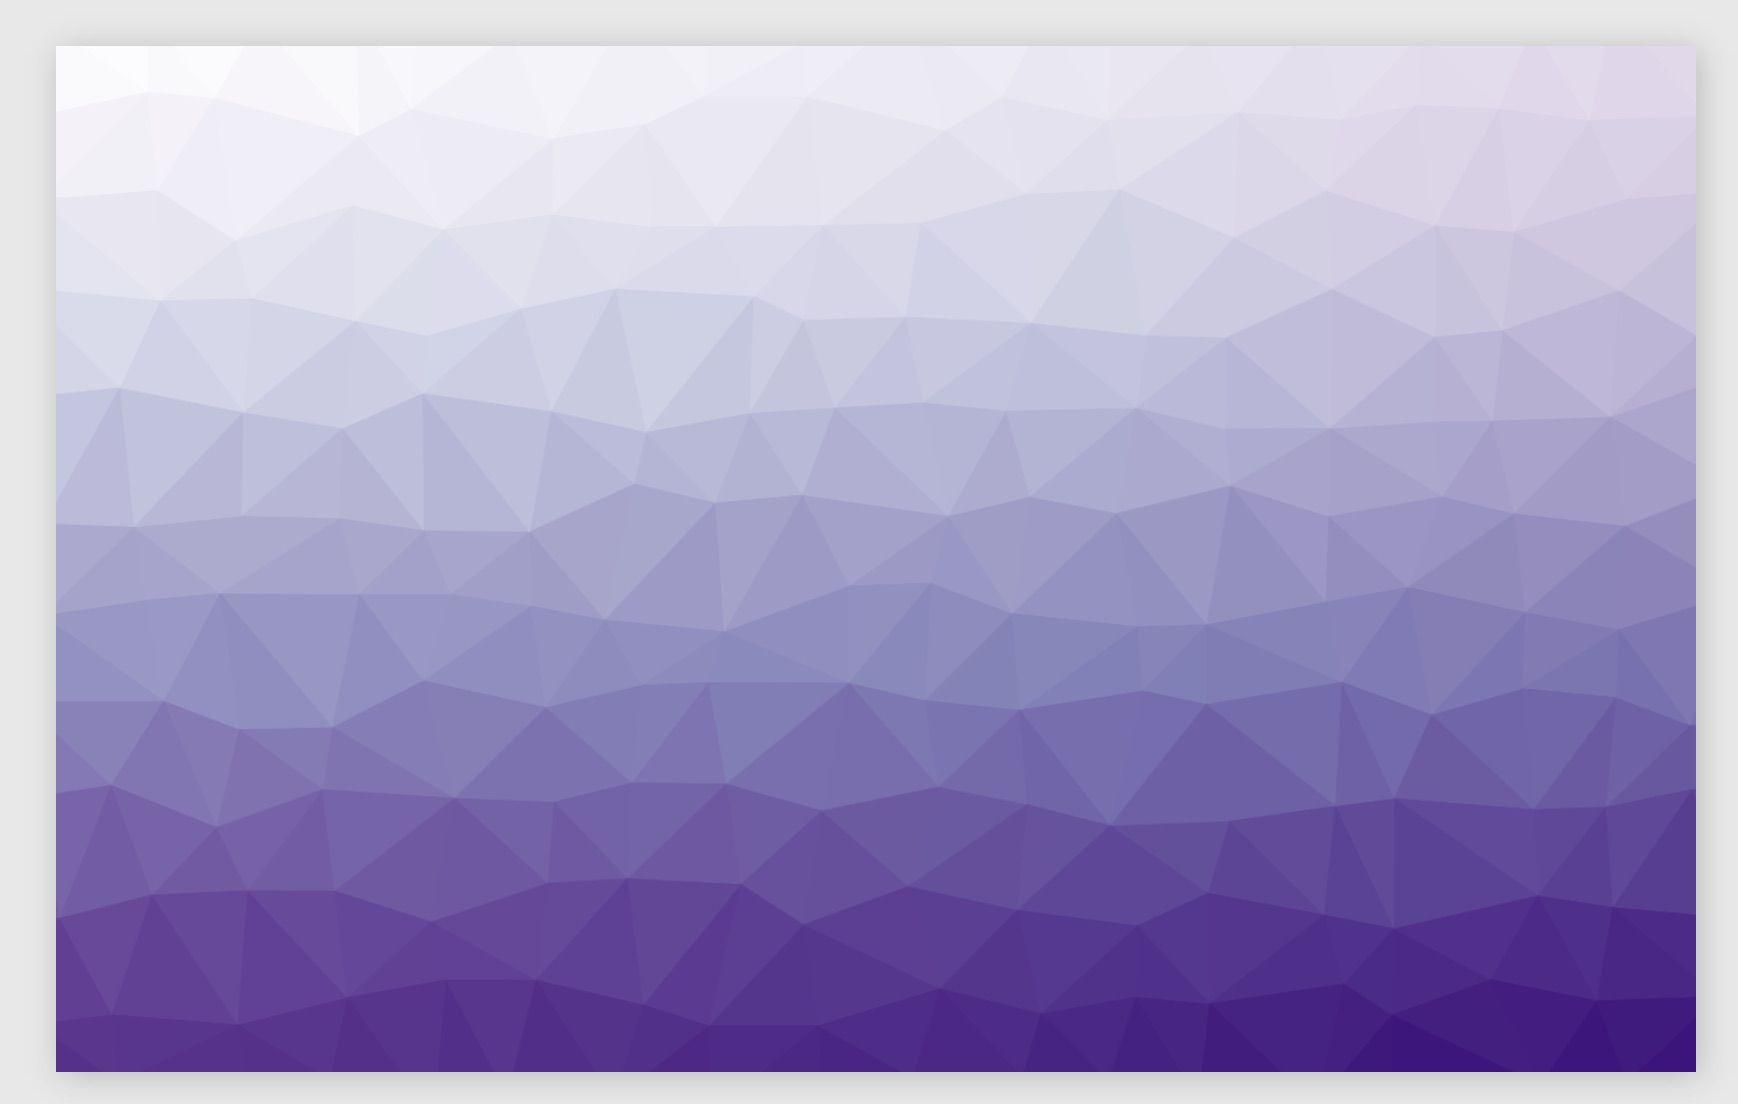 exemple d'arrière-plan généré avec Trianglify